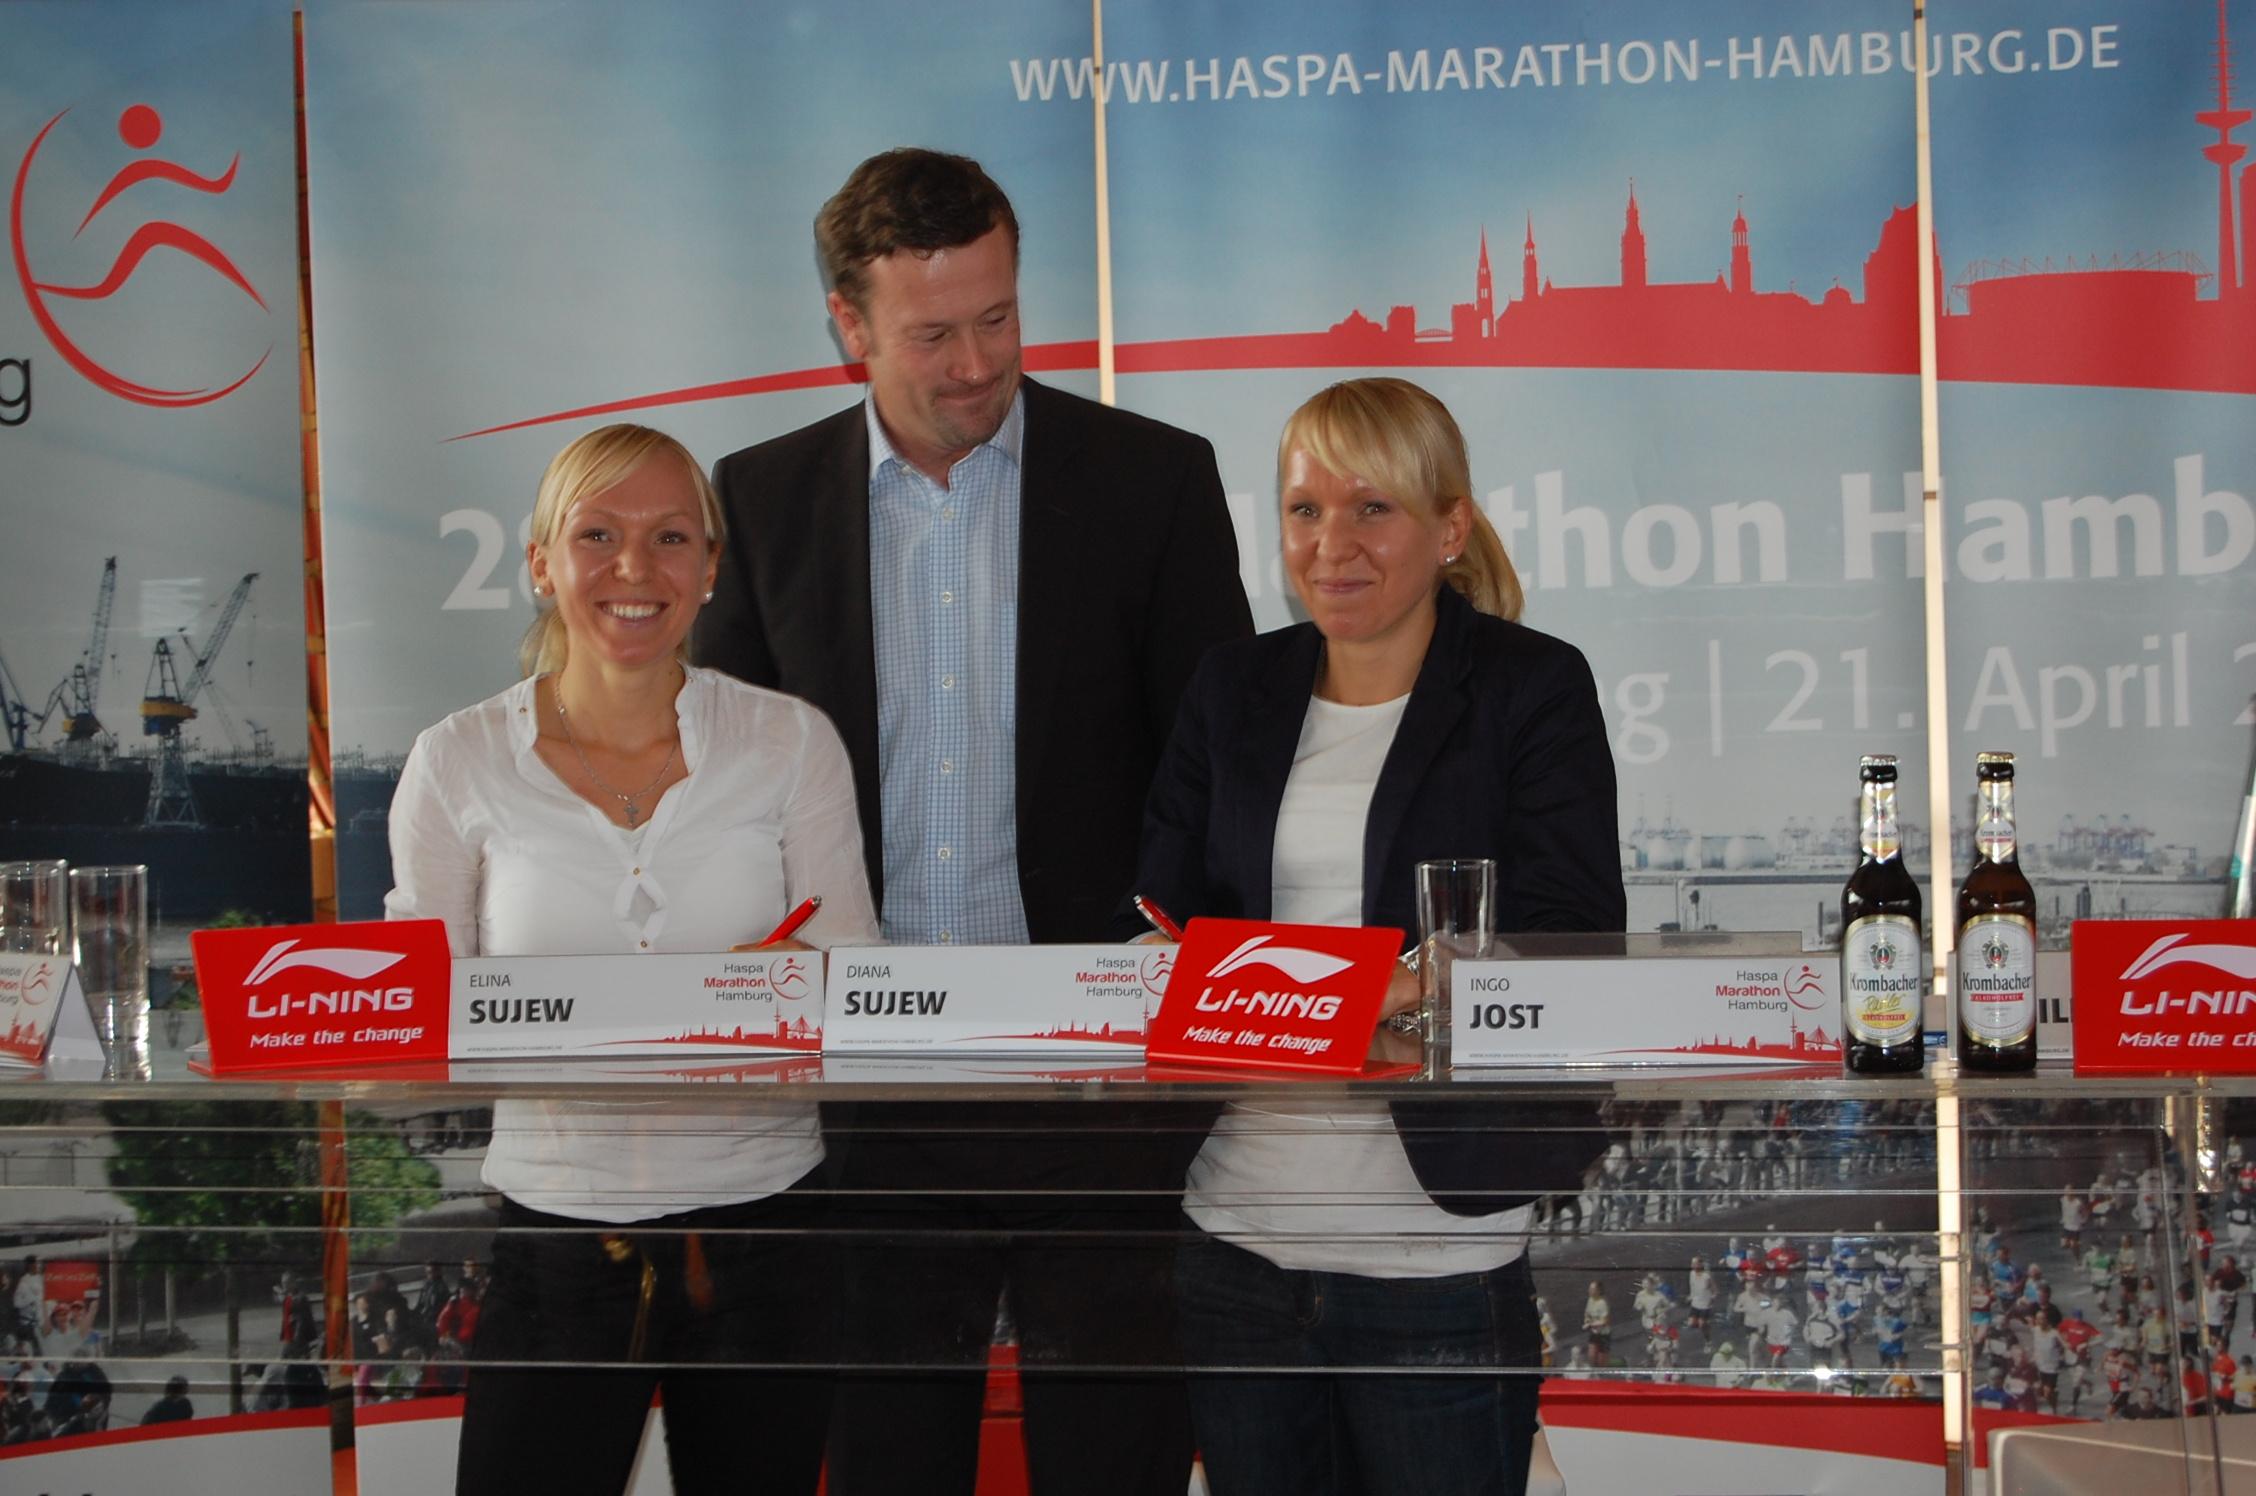 Pressekonferenz 31.10.2012 mit Vorschau auf den Haspa Marathon Hamburg 2013: Diana Sujew, Andreas Reuter, Alina Sujew